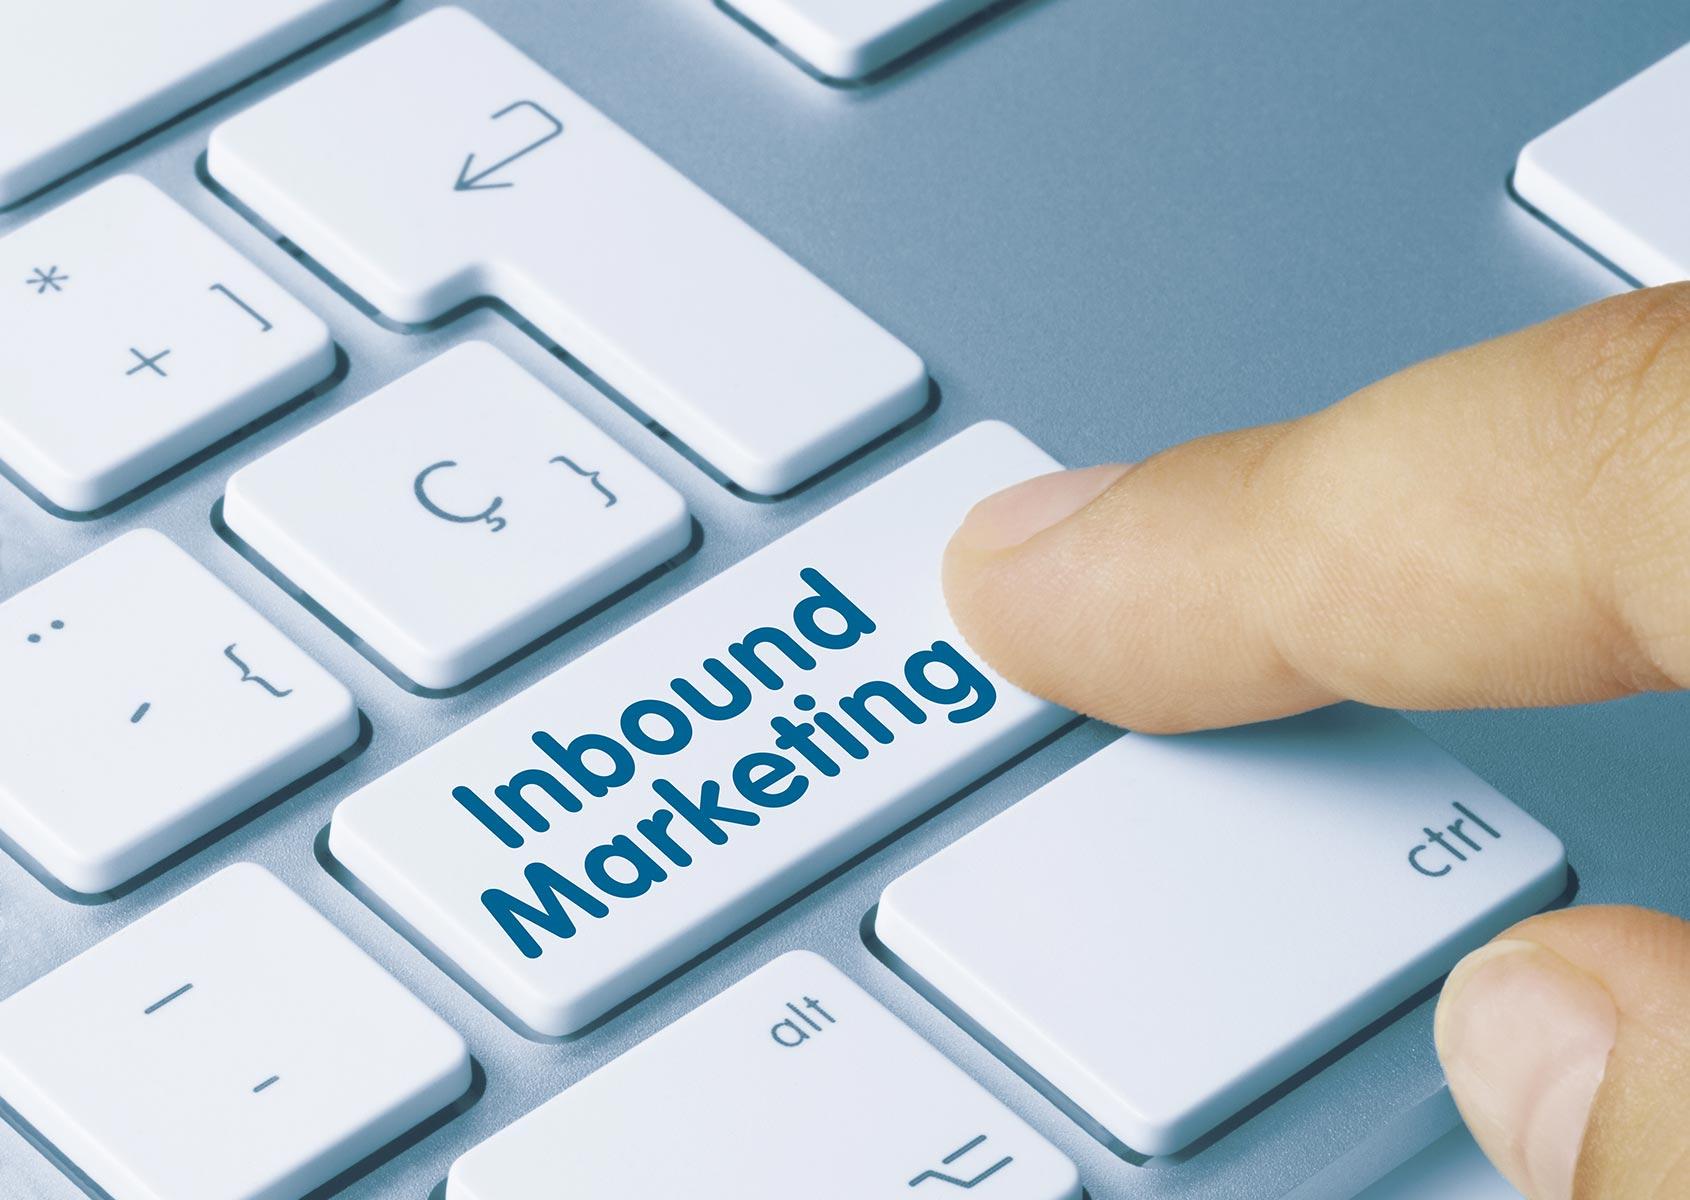 inbound-marketing-advmedialab-01.jpg